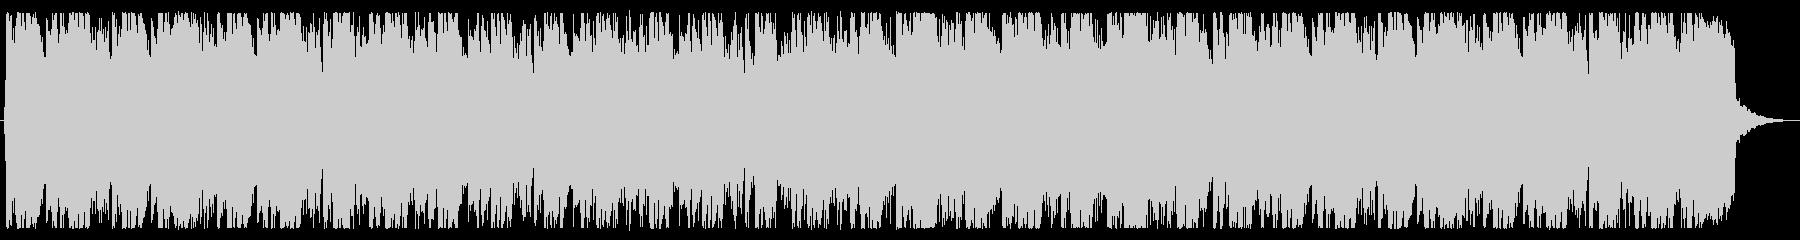 厳格な和風BGMの未再生の波形